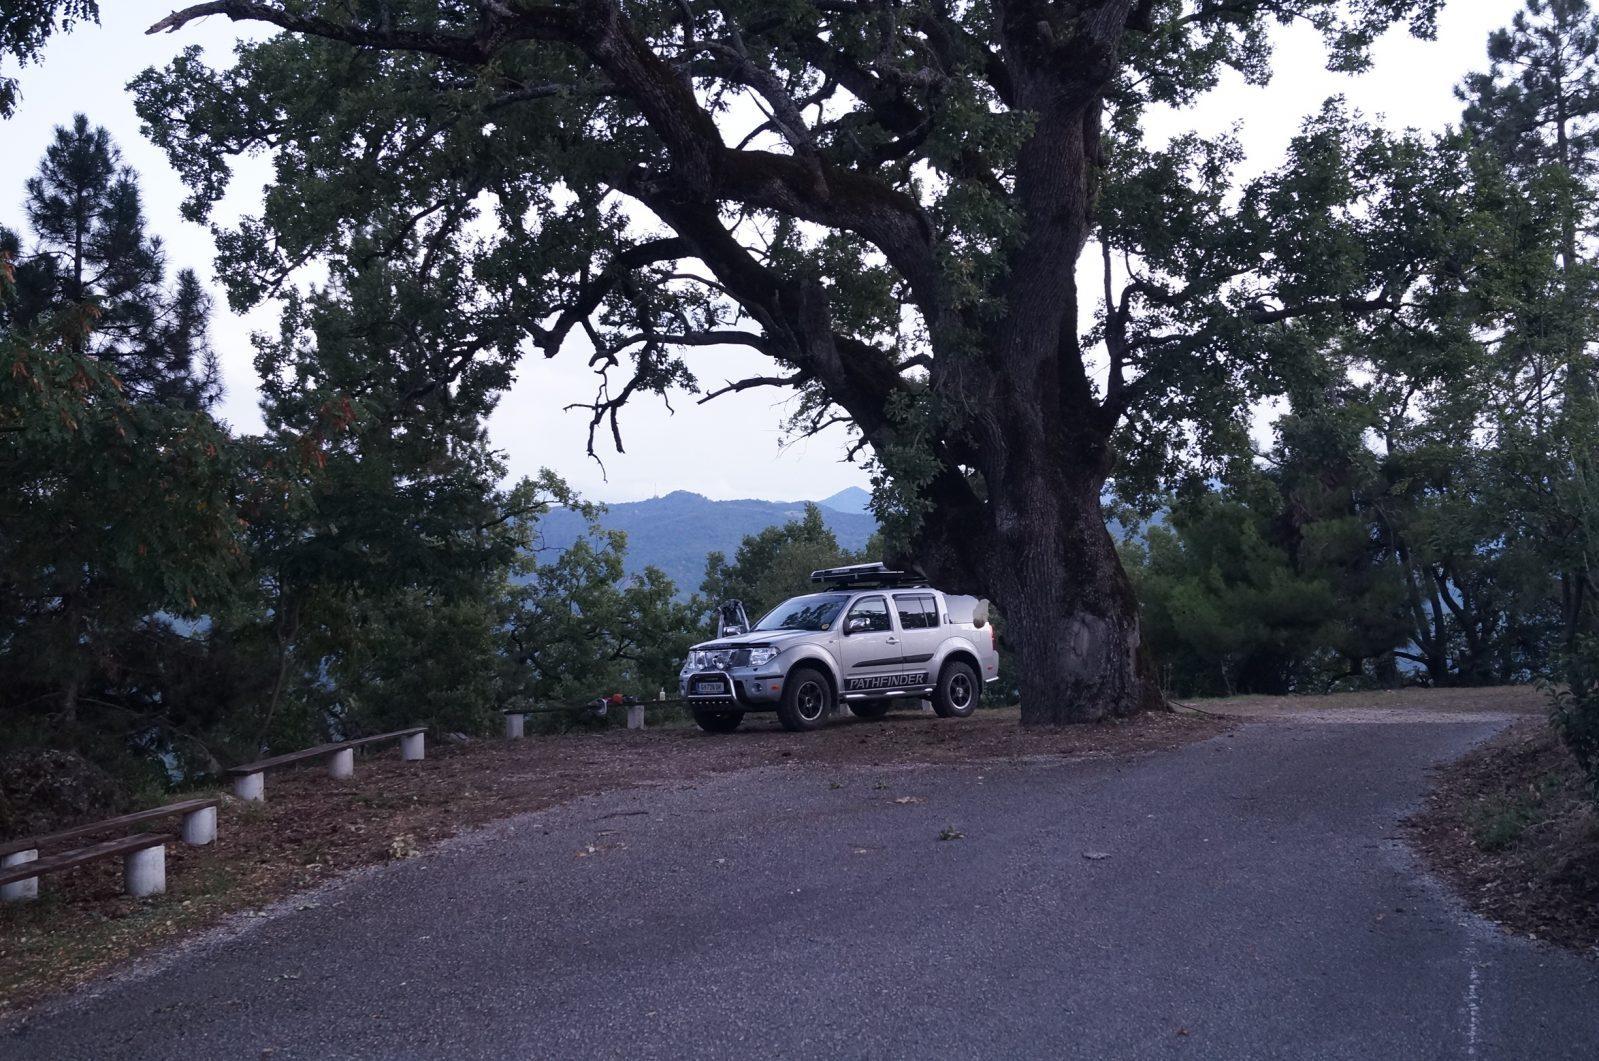 Offroad in Griechenland - Gruseliger Übernachtungsplatz im griechischen Niemandsland.